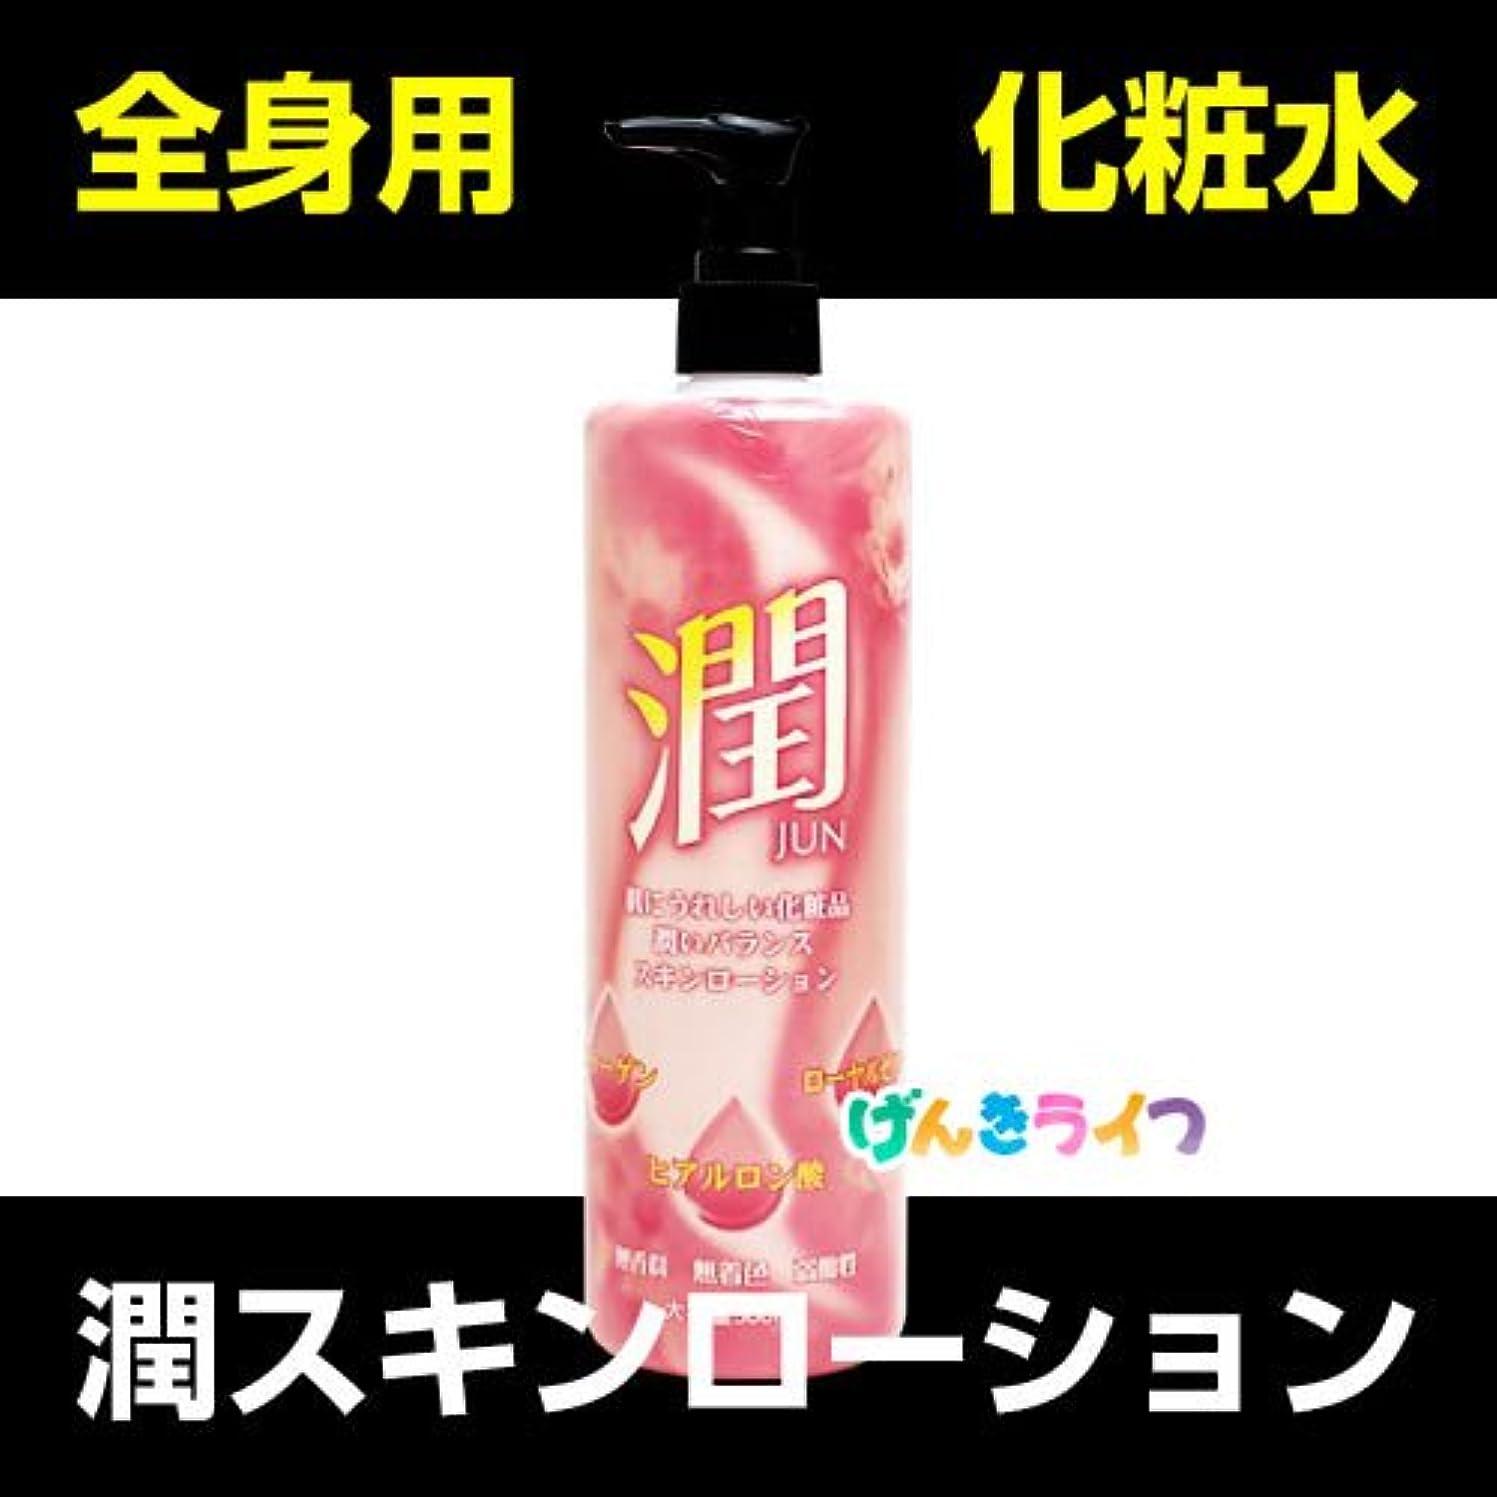 ユダヤ人赤道全く潤スキンローション(全身用化粧水)【2個】